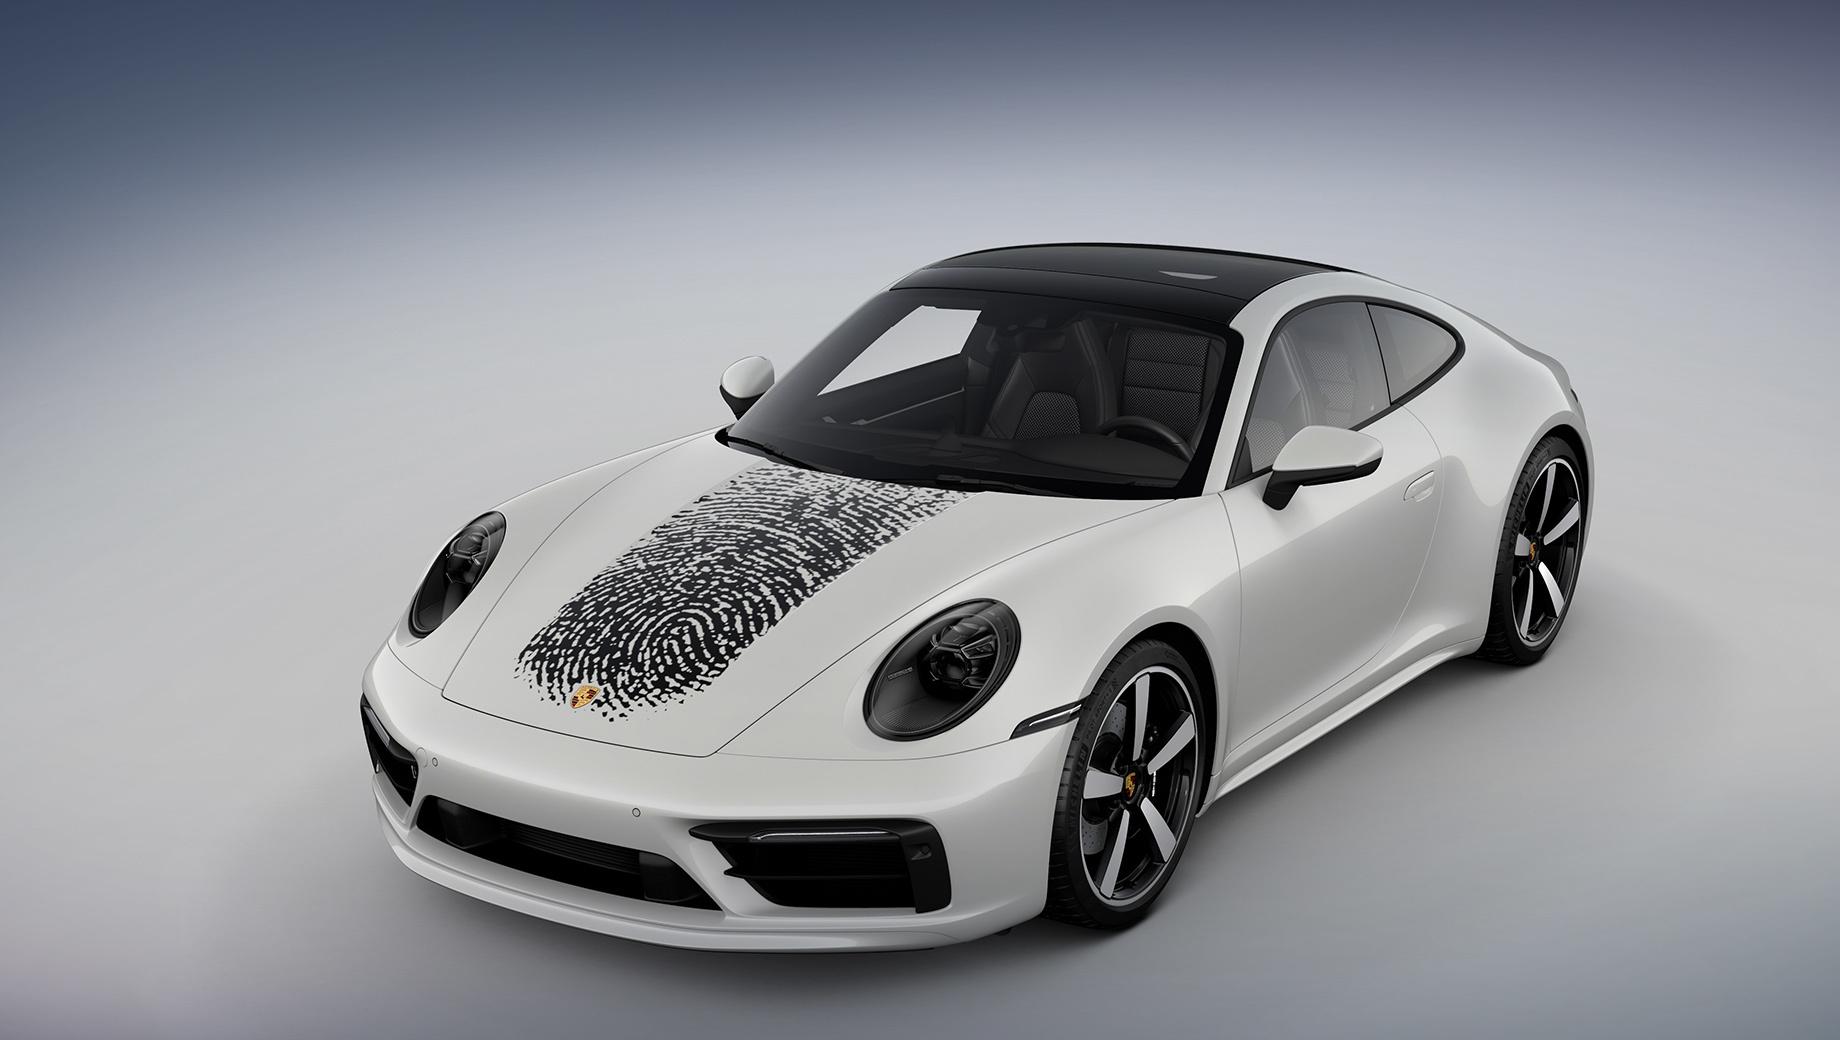 Porsche 911. «Нет ничего более личного, чем отпечаток пальца. Индивидуальность очень важна для клиентов Porsche, и мы гордимся, что разработали совершенно новый продукт, основанный на современных технологиях», — отметил вице-президент Александр Фабиг. (На фото — купе Porsche 911 Carrera 4S.)